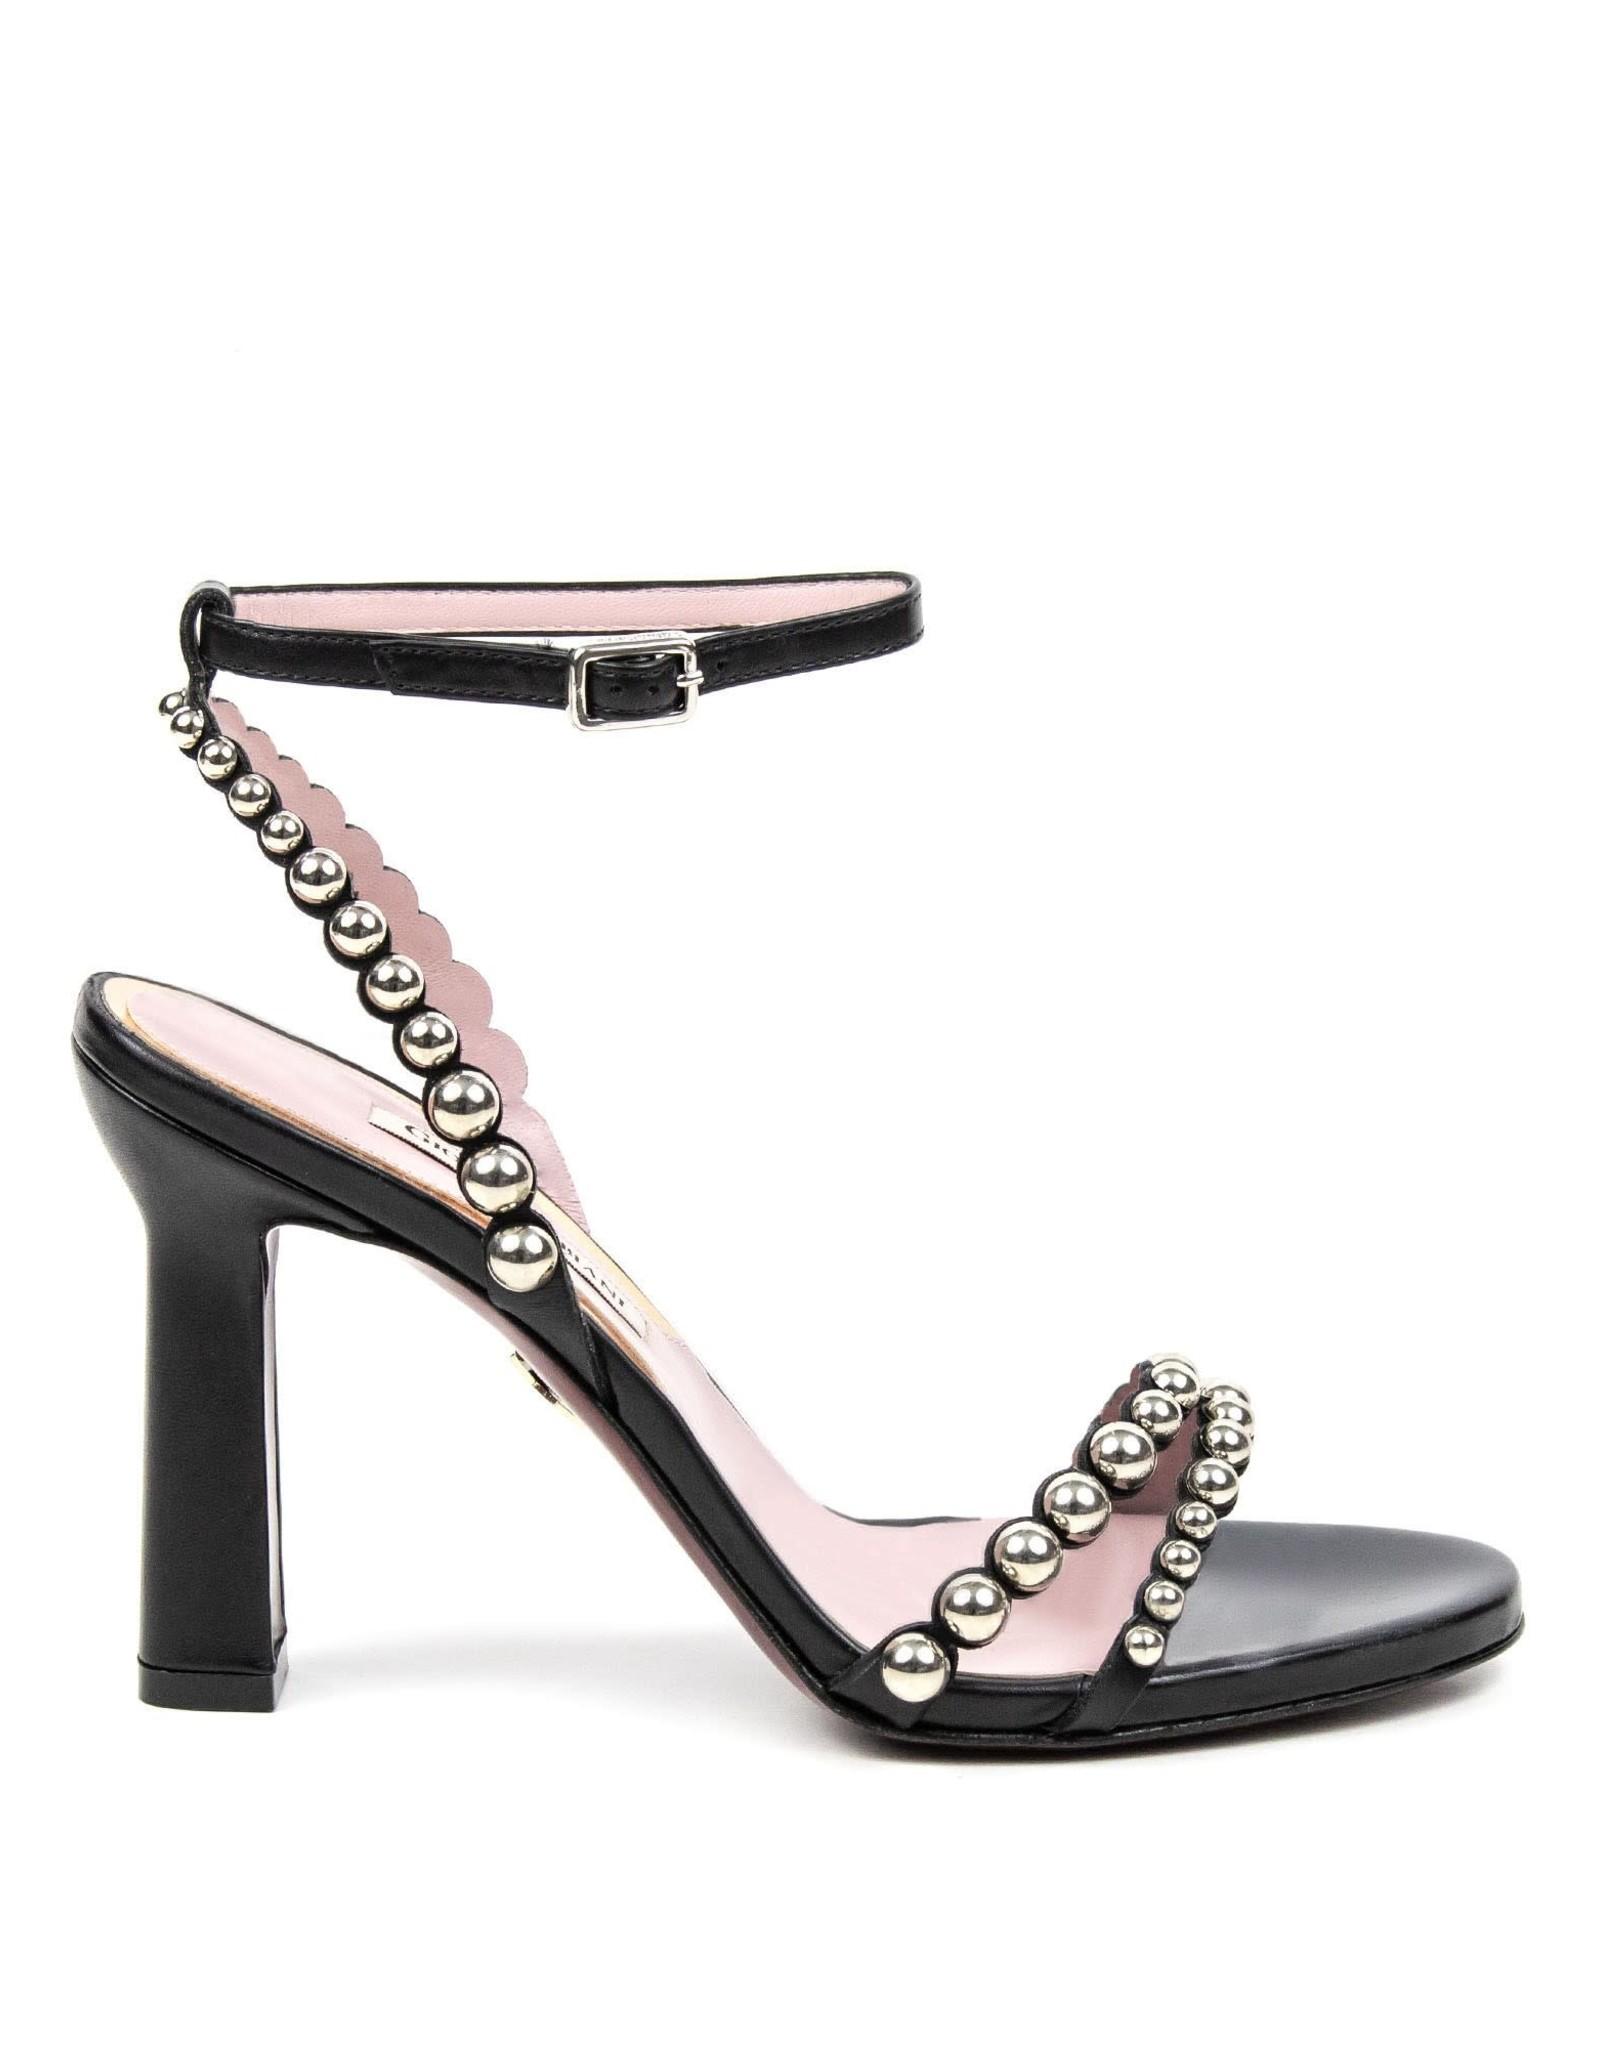 GIORGIO FABIANI The Studded Sandal